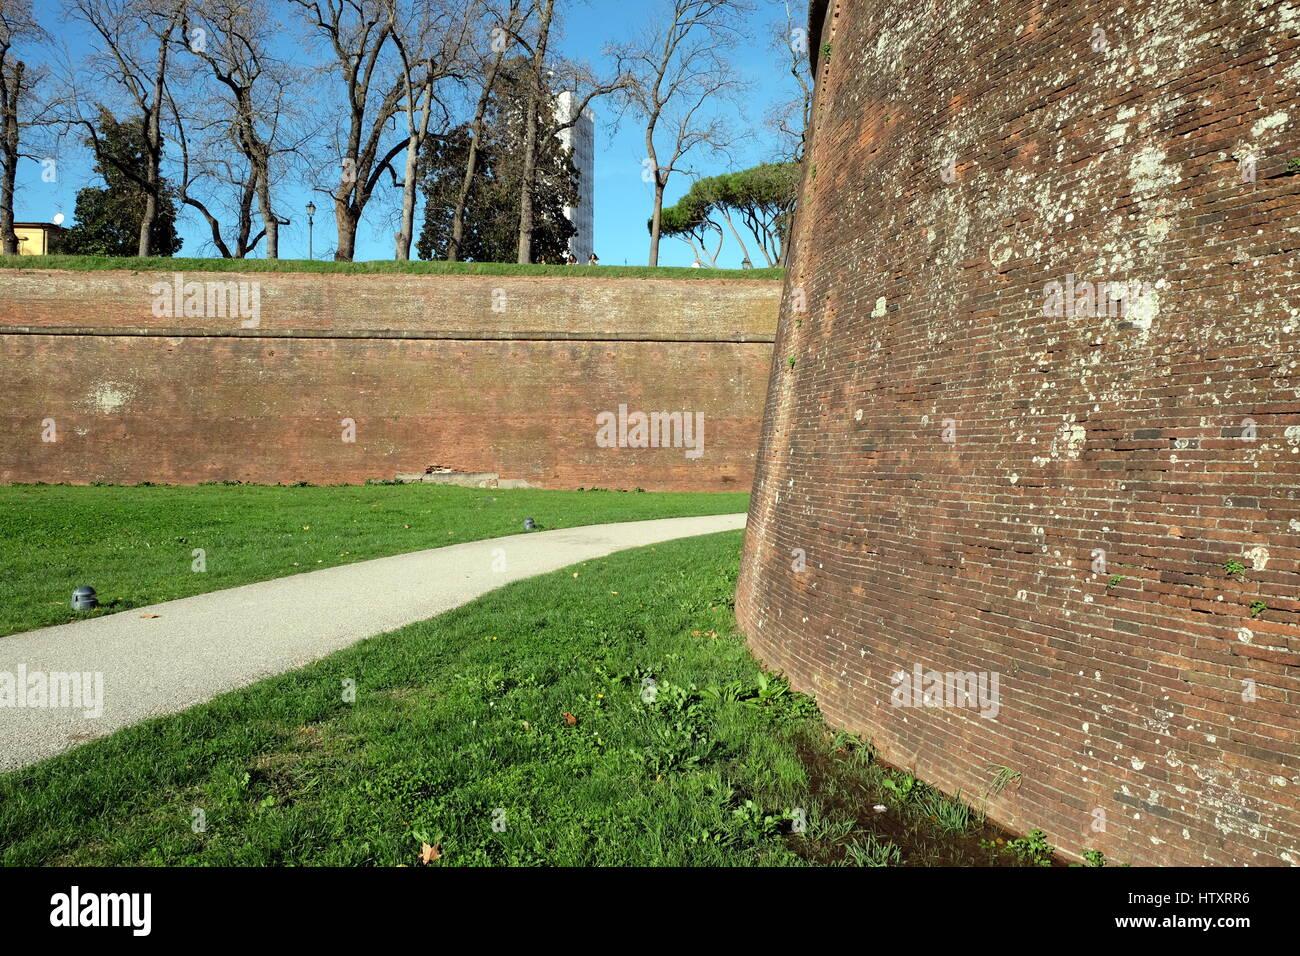 L'enceinte médiévale de Lucques, Toscane, Italie, Europe - moyen de sortir des murs, vert pelouse Photo Stock